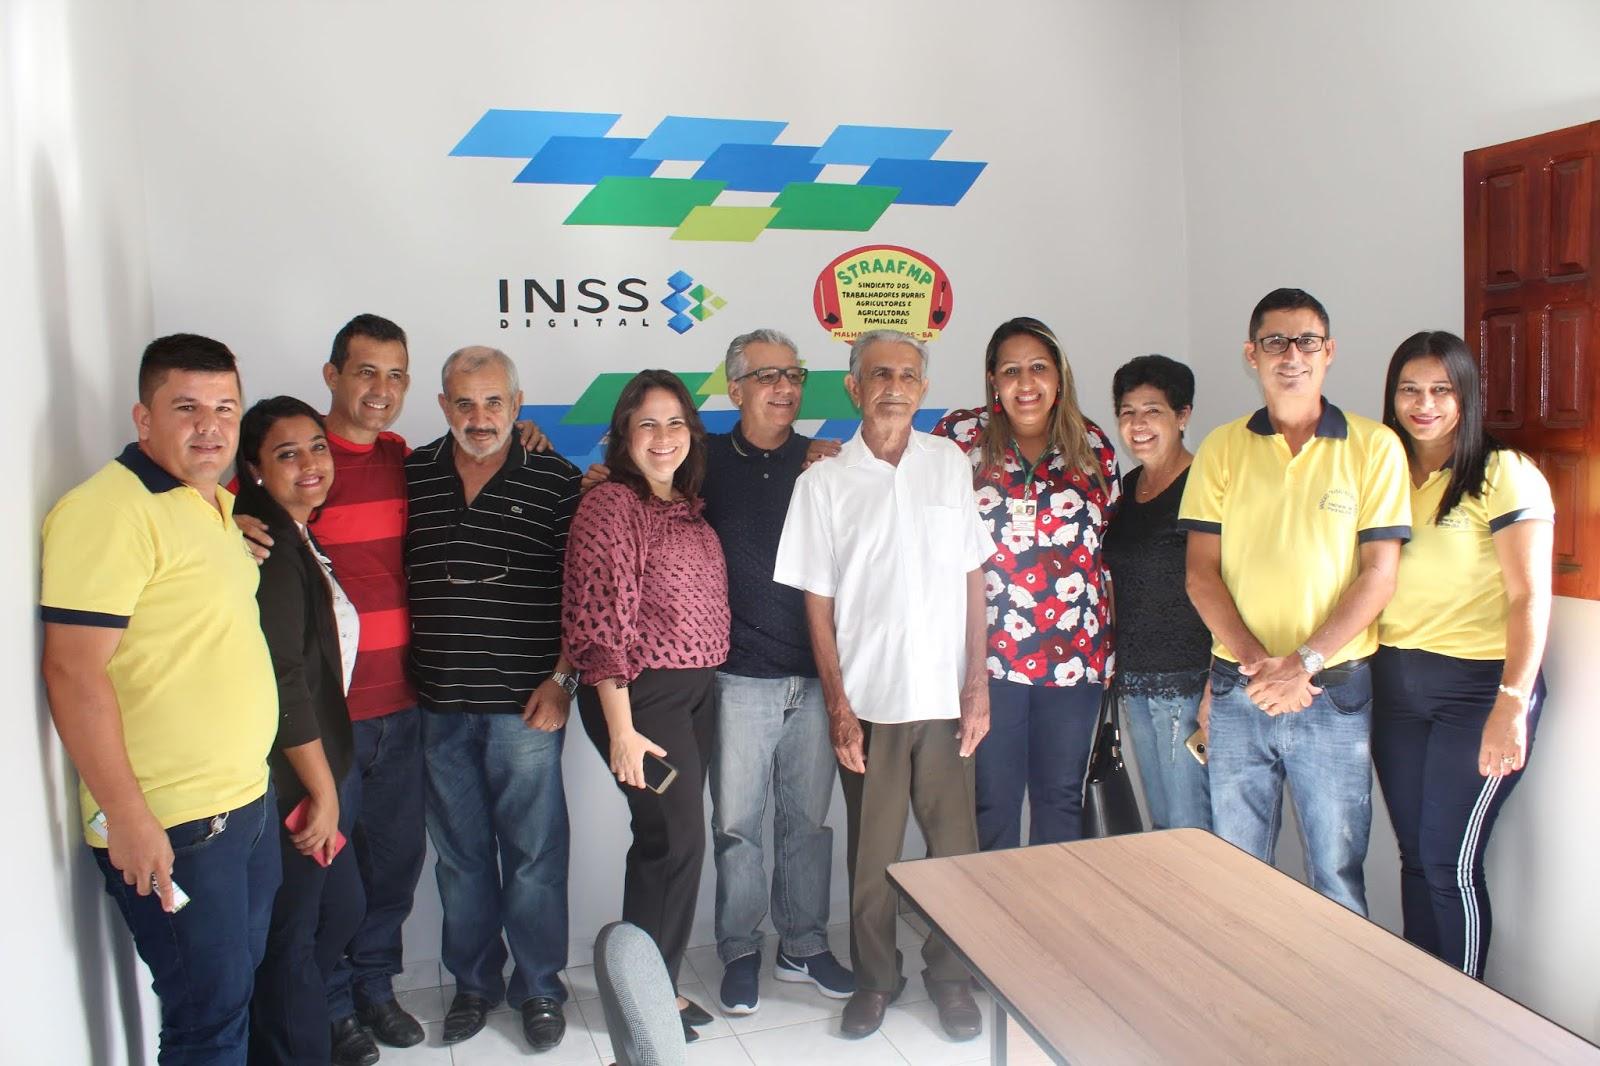 Sindicato dos Trabalhadores Rurais de Malhada de Pedras inaugura Posto de Atendimento Digital do INSS